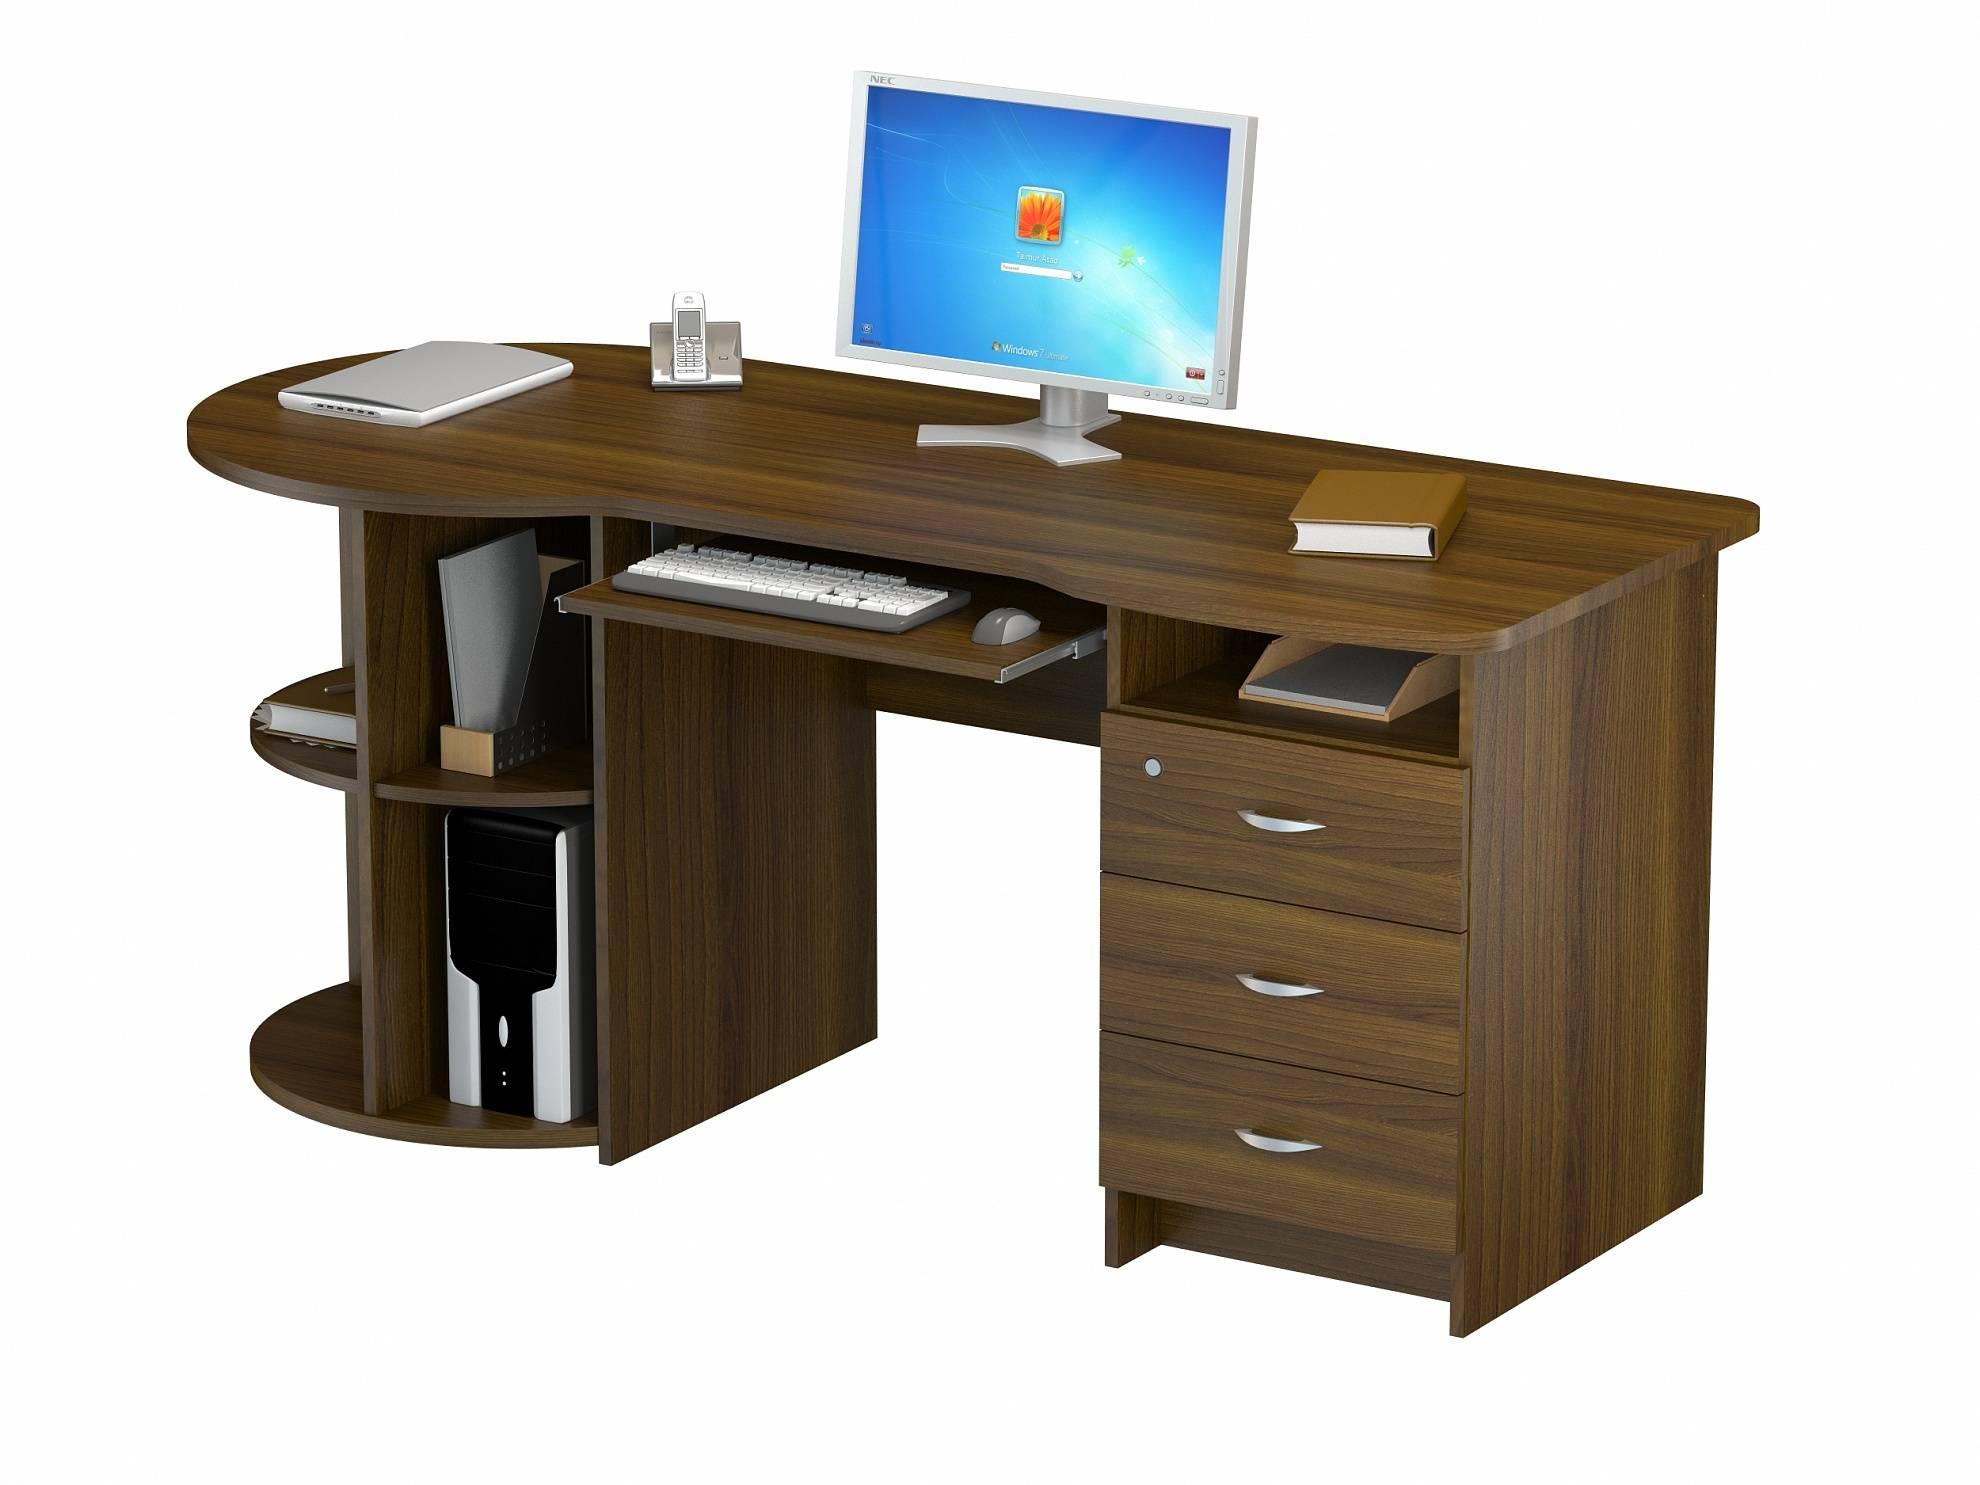 Письменный стол васко пс 40-02 м1 - купить в москве по низко.